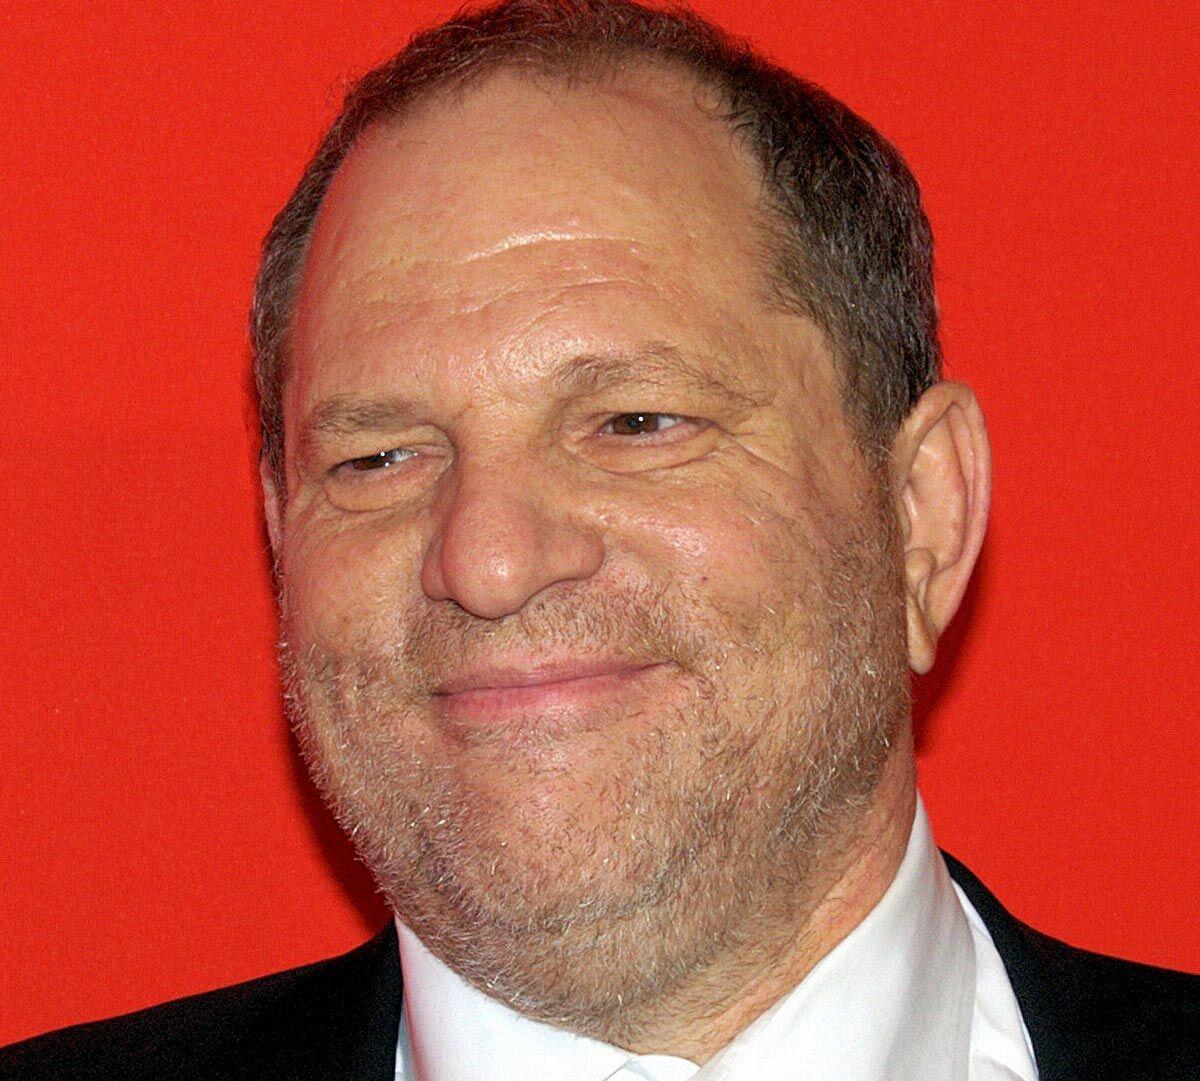 Harvey Weinstein smiling